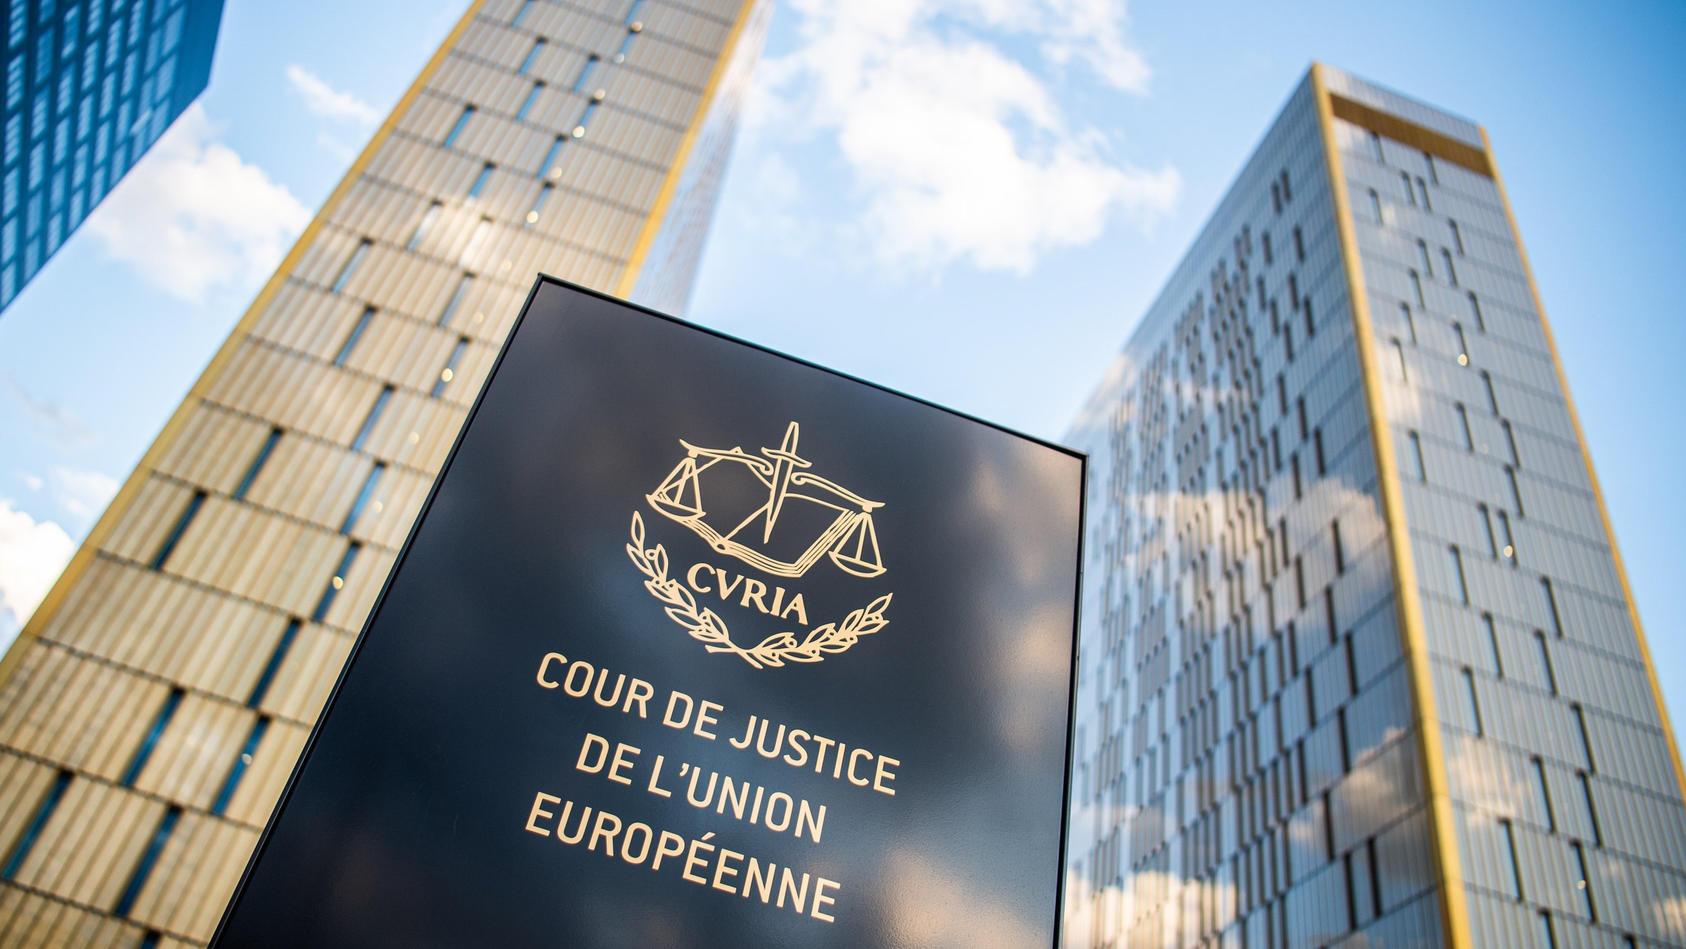 der-europaische-gerichtshof-hat-polen-eine-dicke-strafe-aufgebrummt